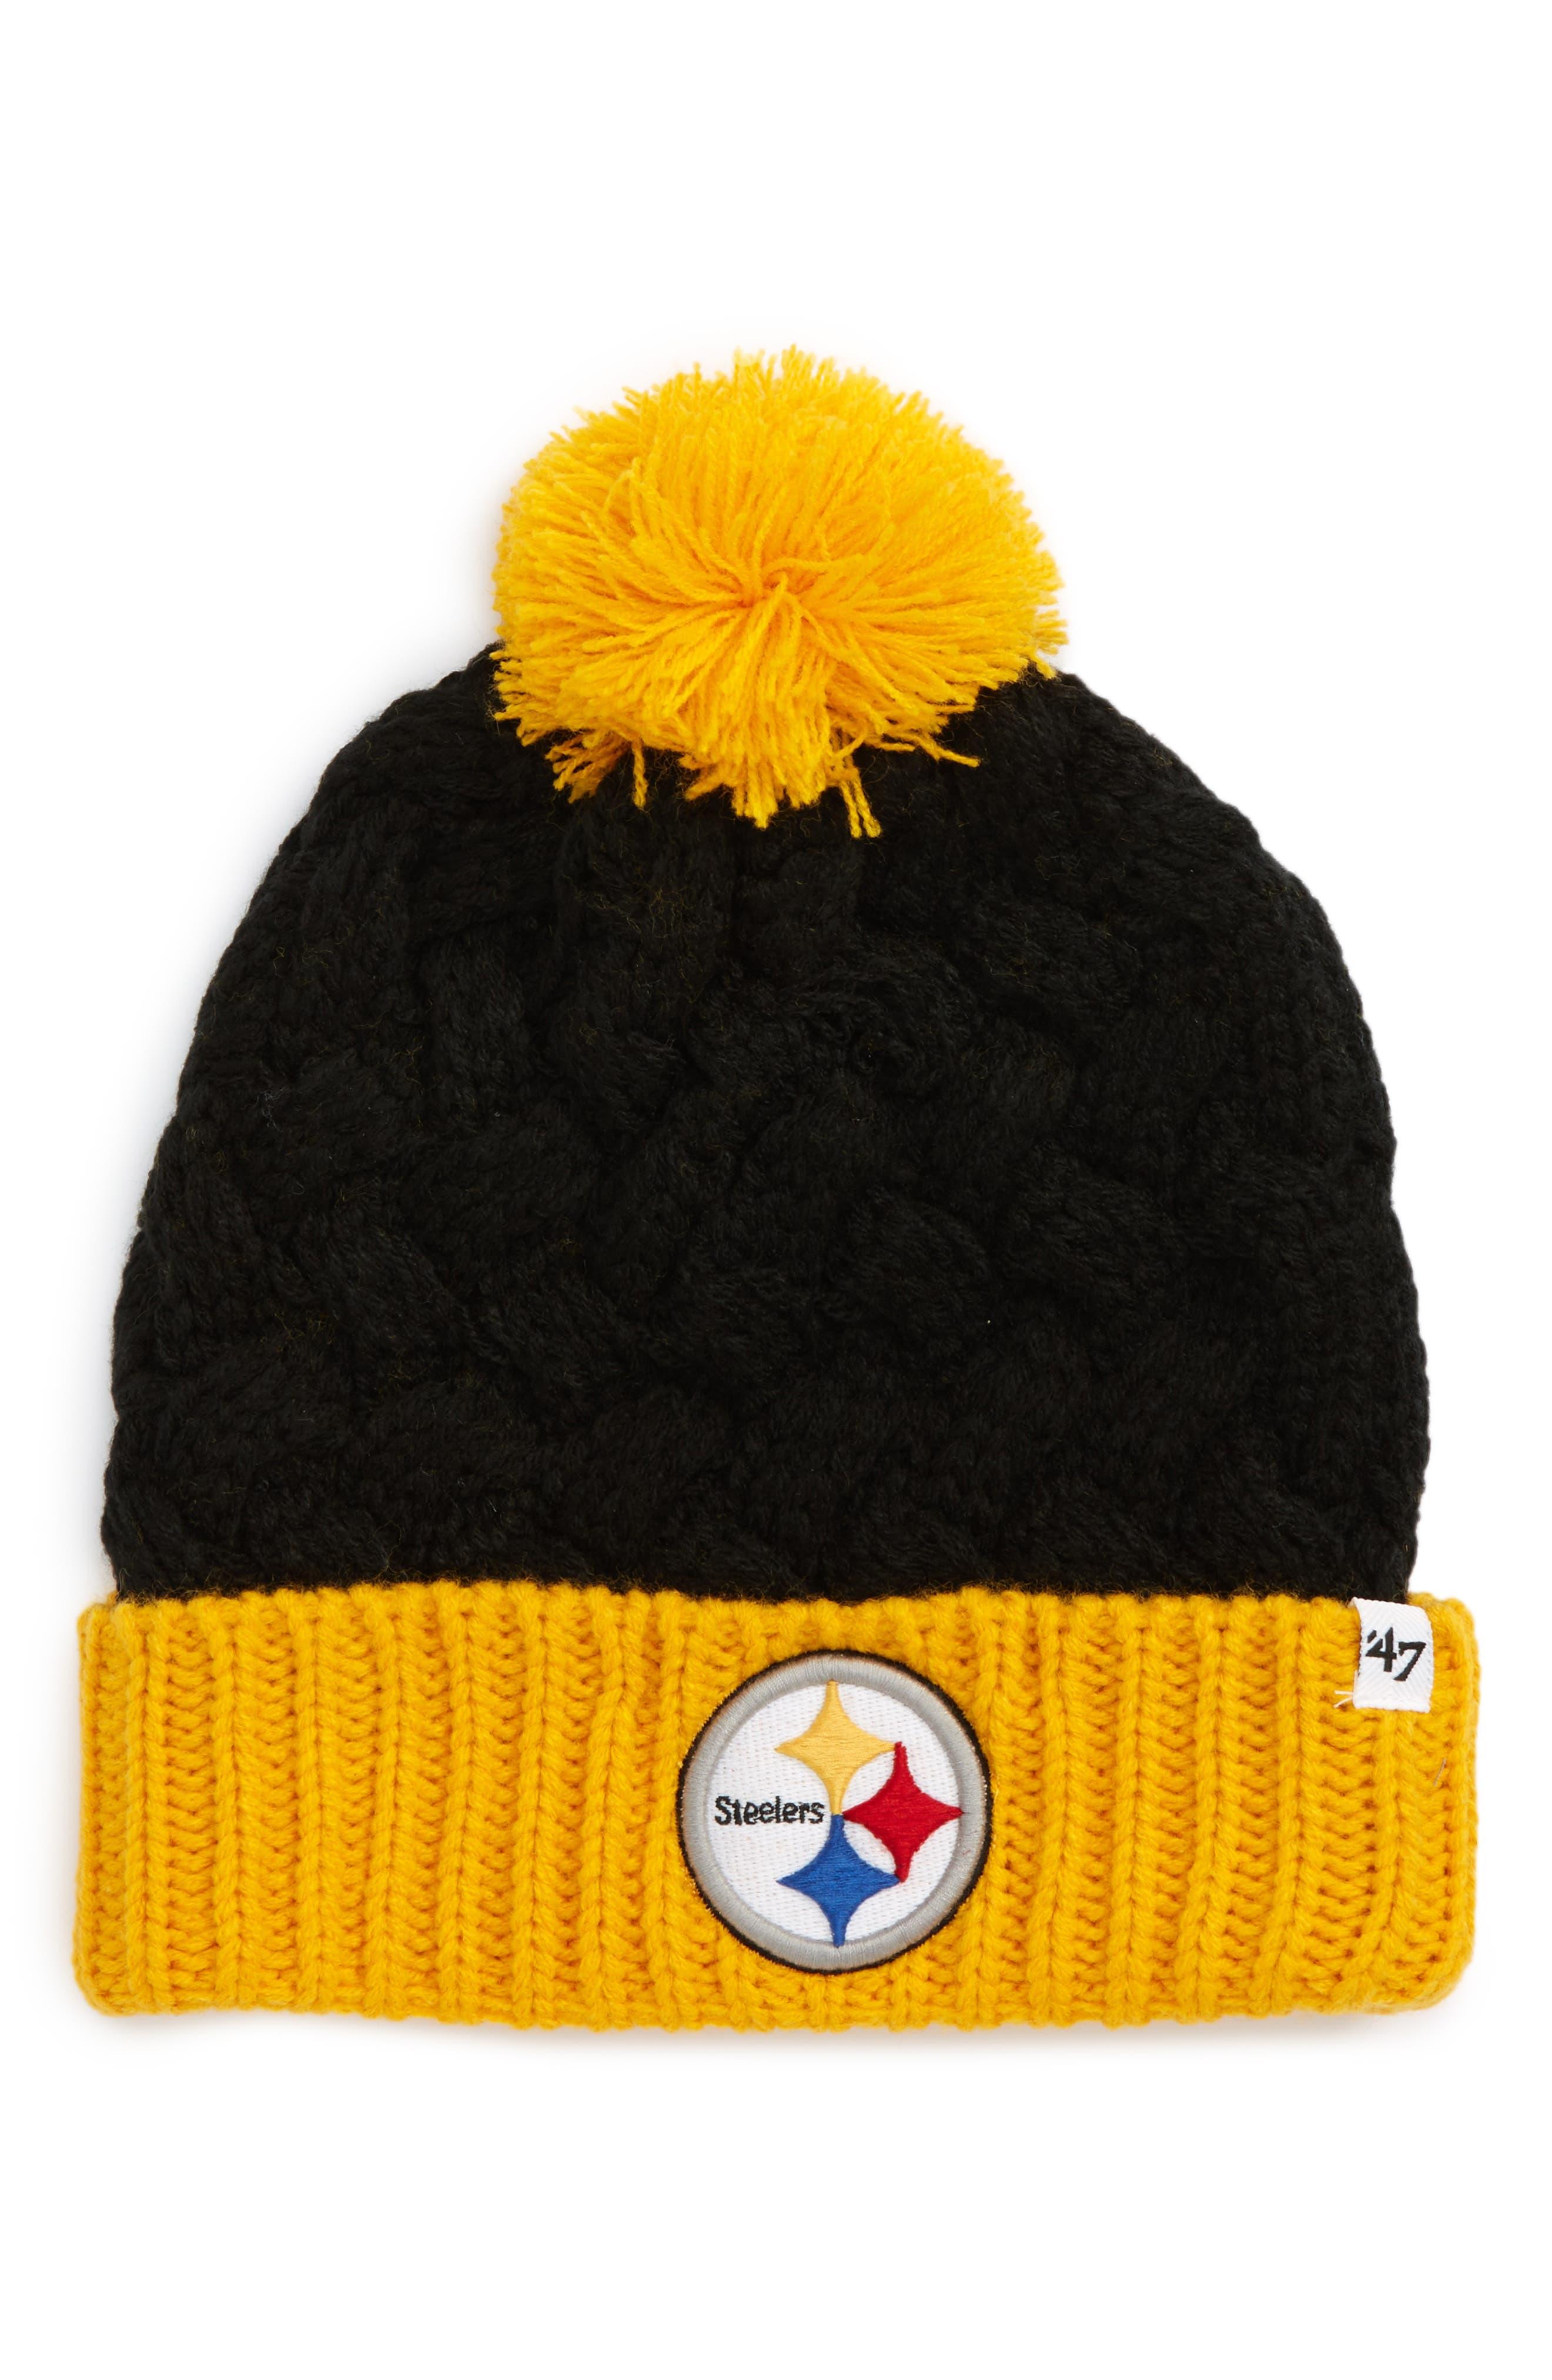 Alternate Image 1 Selected - '47 Matterhorn Pittsburgh Steelers Beanie